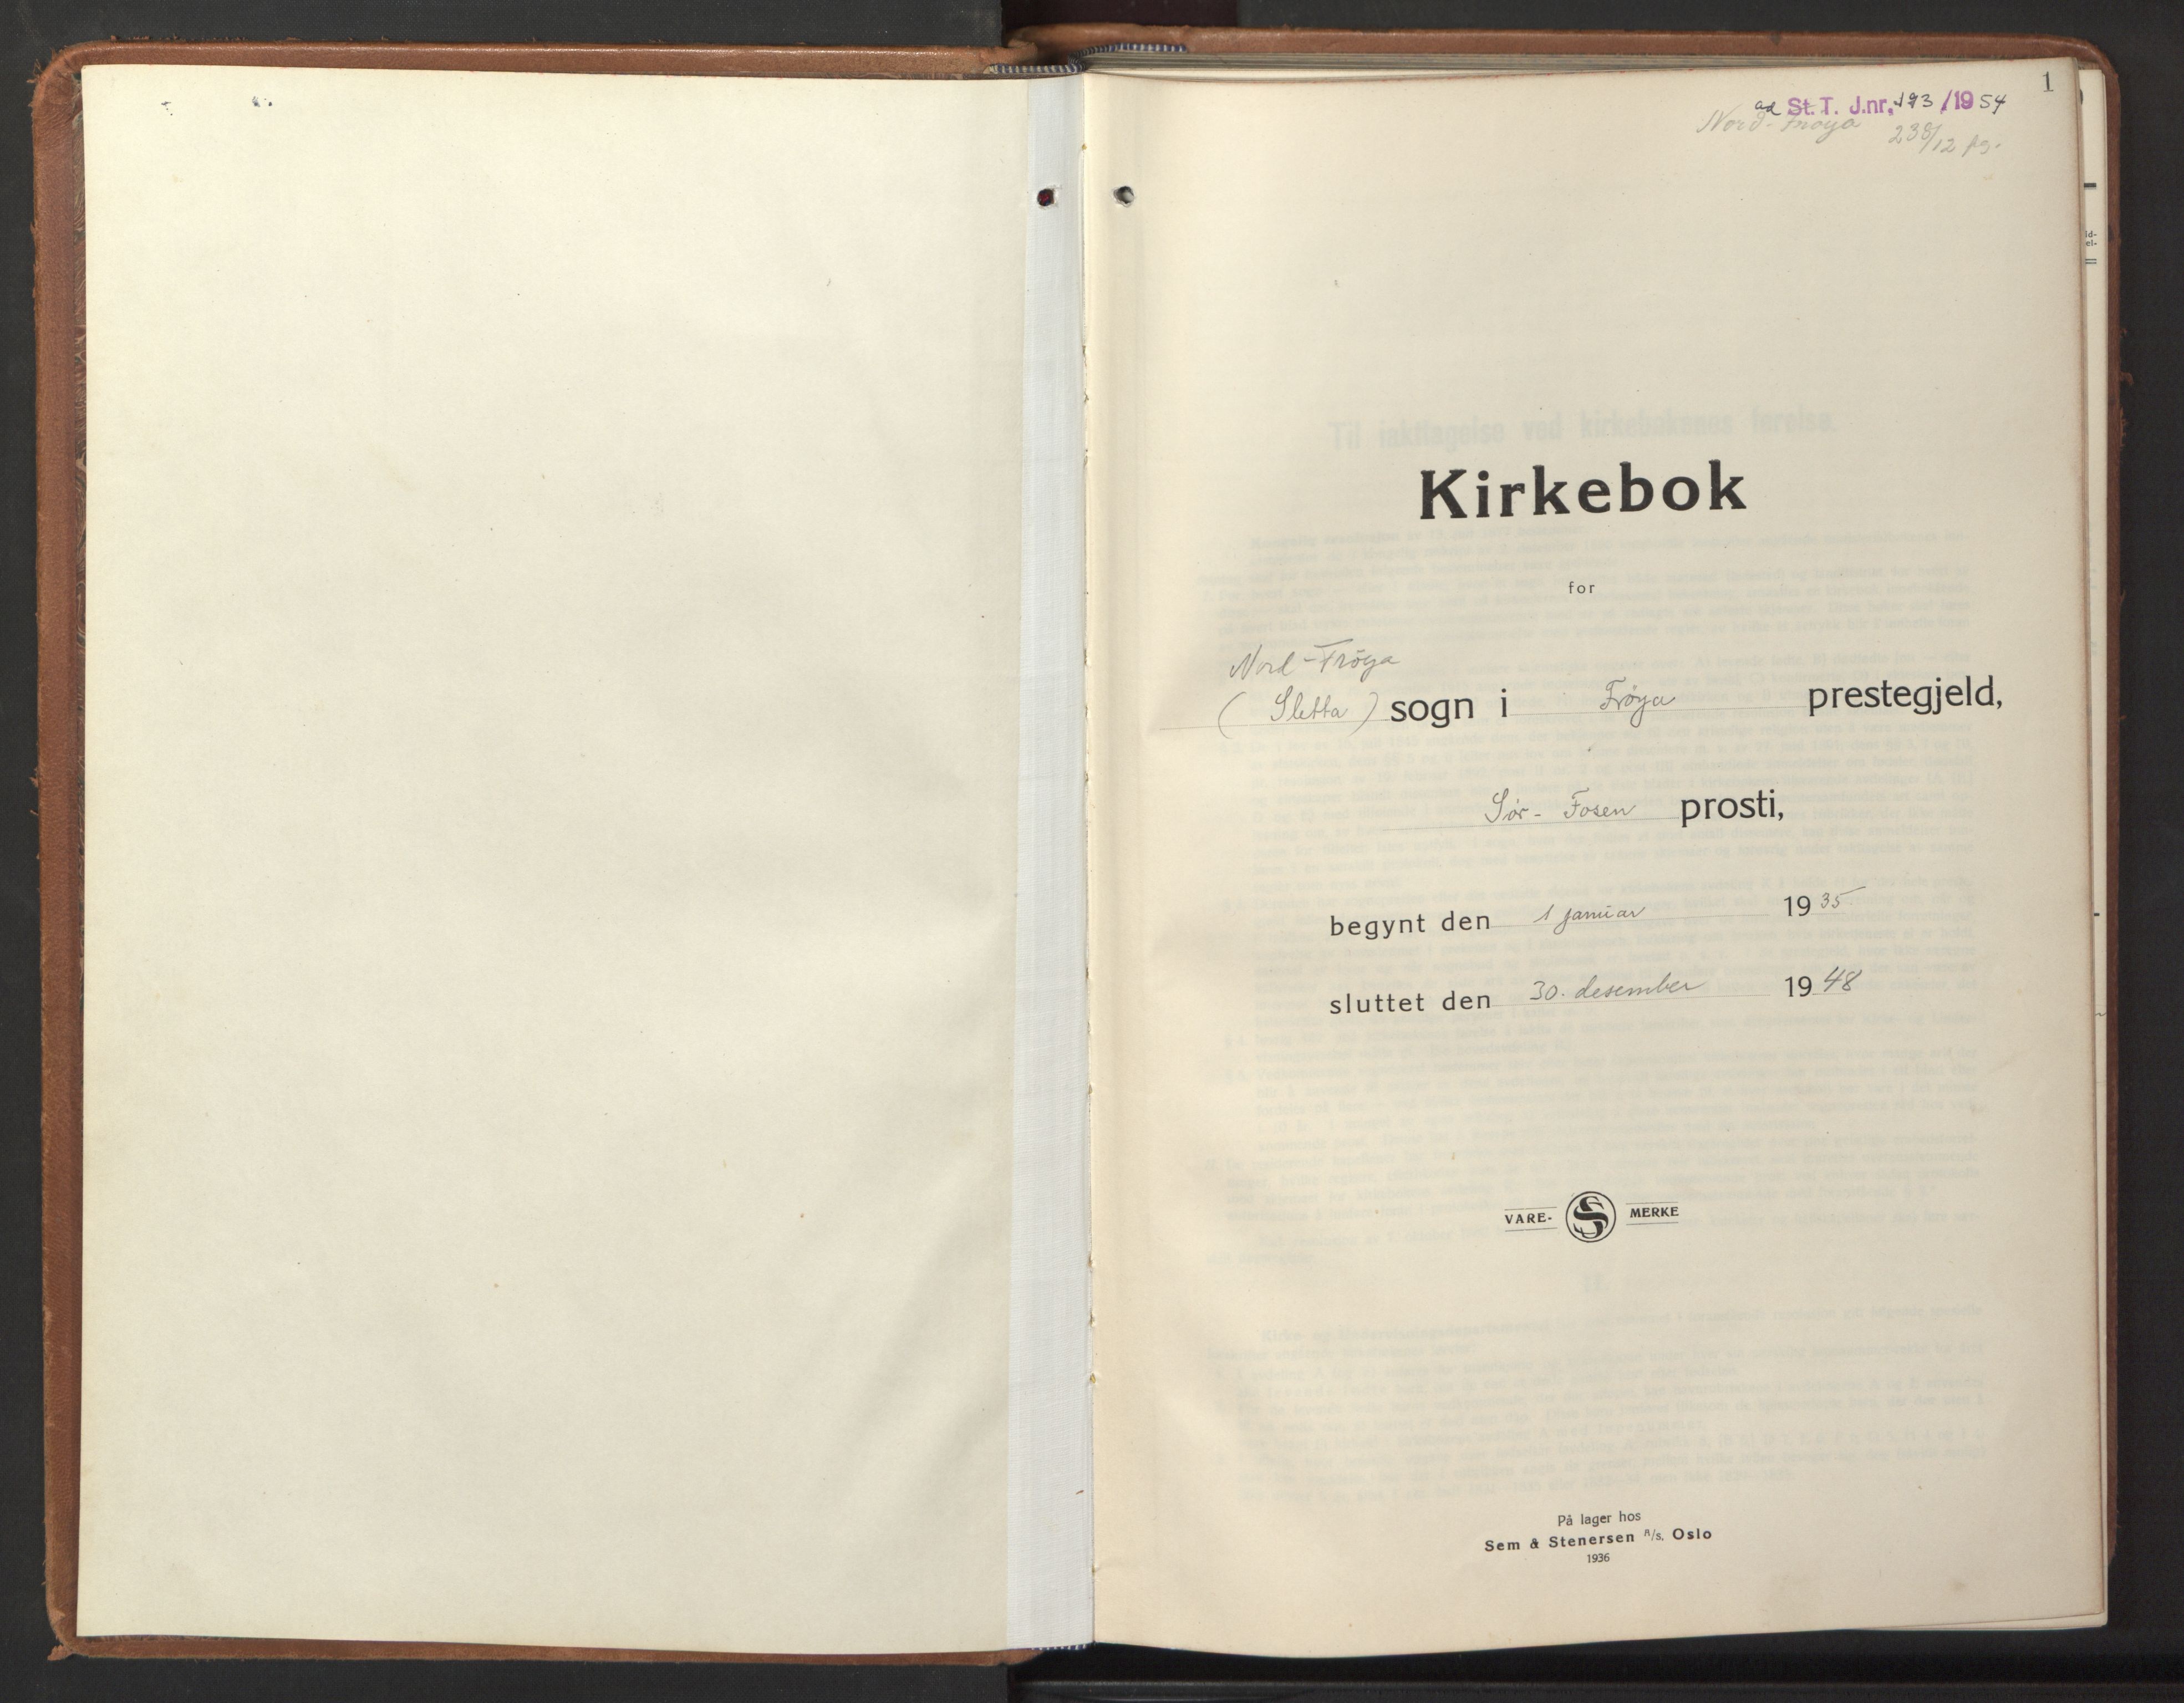 SAT, Ministerialprotokoller, klokkerbøker og fødselsregistre - Sør-Trøndelag, 640/L0590: Klokkerbok nr. 640C07, 1935-1948, s. 1